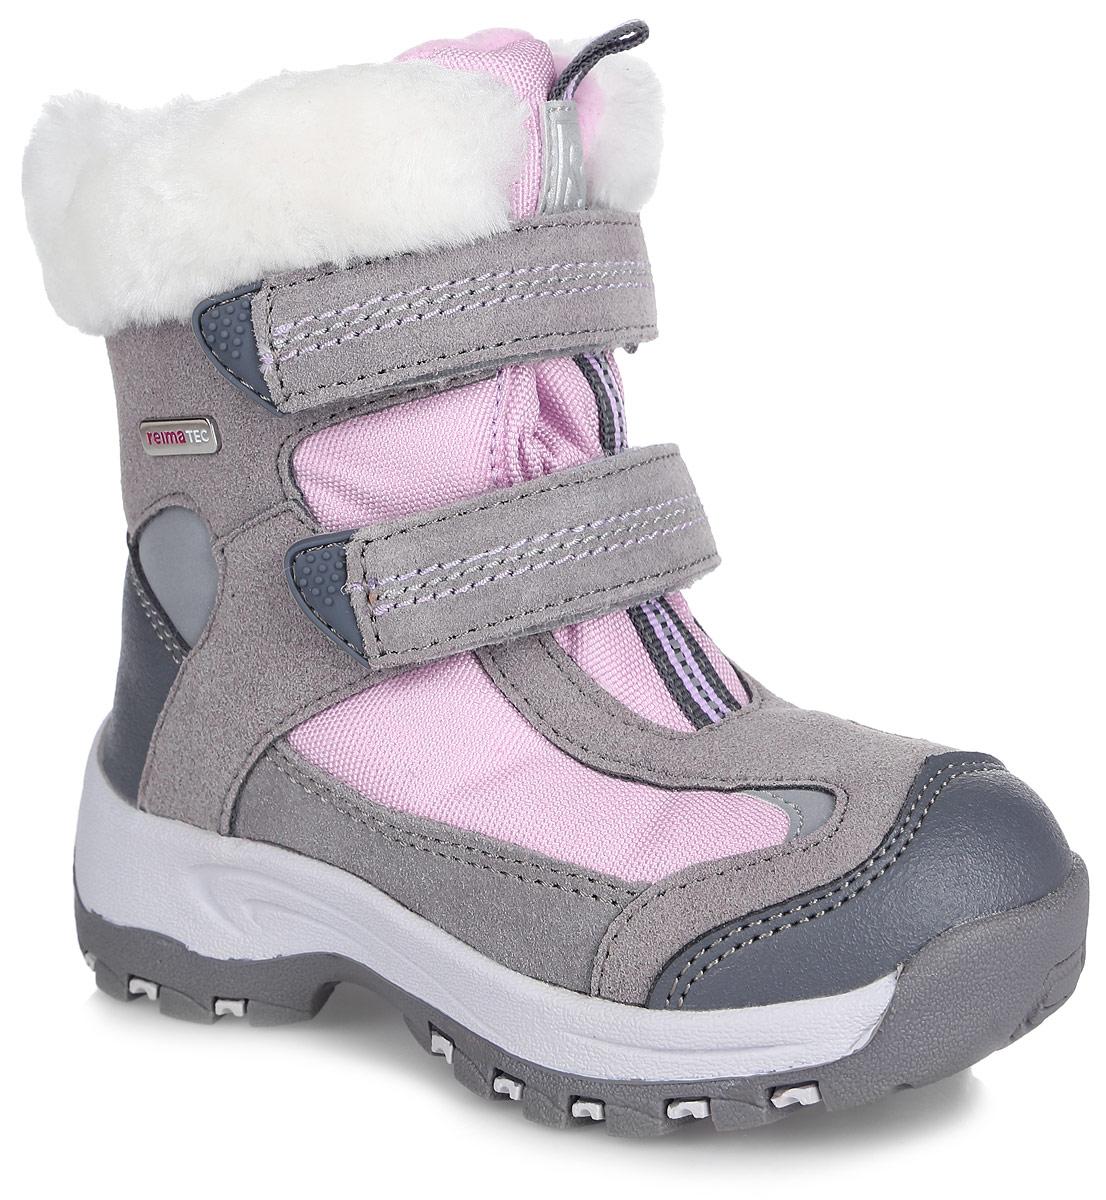 Полусапоги для девочки. 569296-9390569296-9390Прелестные полусапоги от Reima - практичная и надежная обувь для зимних развлечений вашей девочки! Верх модели выполнен из плотного текстиля, натуральной замши и искусственной кожи. Сбоку обувь оформлена металлической пластиной с гравировкой названия бренда, на язычке и на заднике - декоративной тесьмой и логотипом бренда. Верхняя часть голенища вдоль канта оформлена искусственным мехом. Подкладка, выполненная из искусственного меха и мягкого текстиля, позволит сохранить ноги в тепле. Стелька из войлока комфортна при ходьбе. Два ремешка с застежками-липучками надежно зафиксируют модель на ноге. Прочная резиновая подошва с протектором обеспечивает отличное сцепление с любой поверхностью. Удобные полусапоги придутся по душе вам и вашему ребенку!